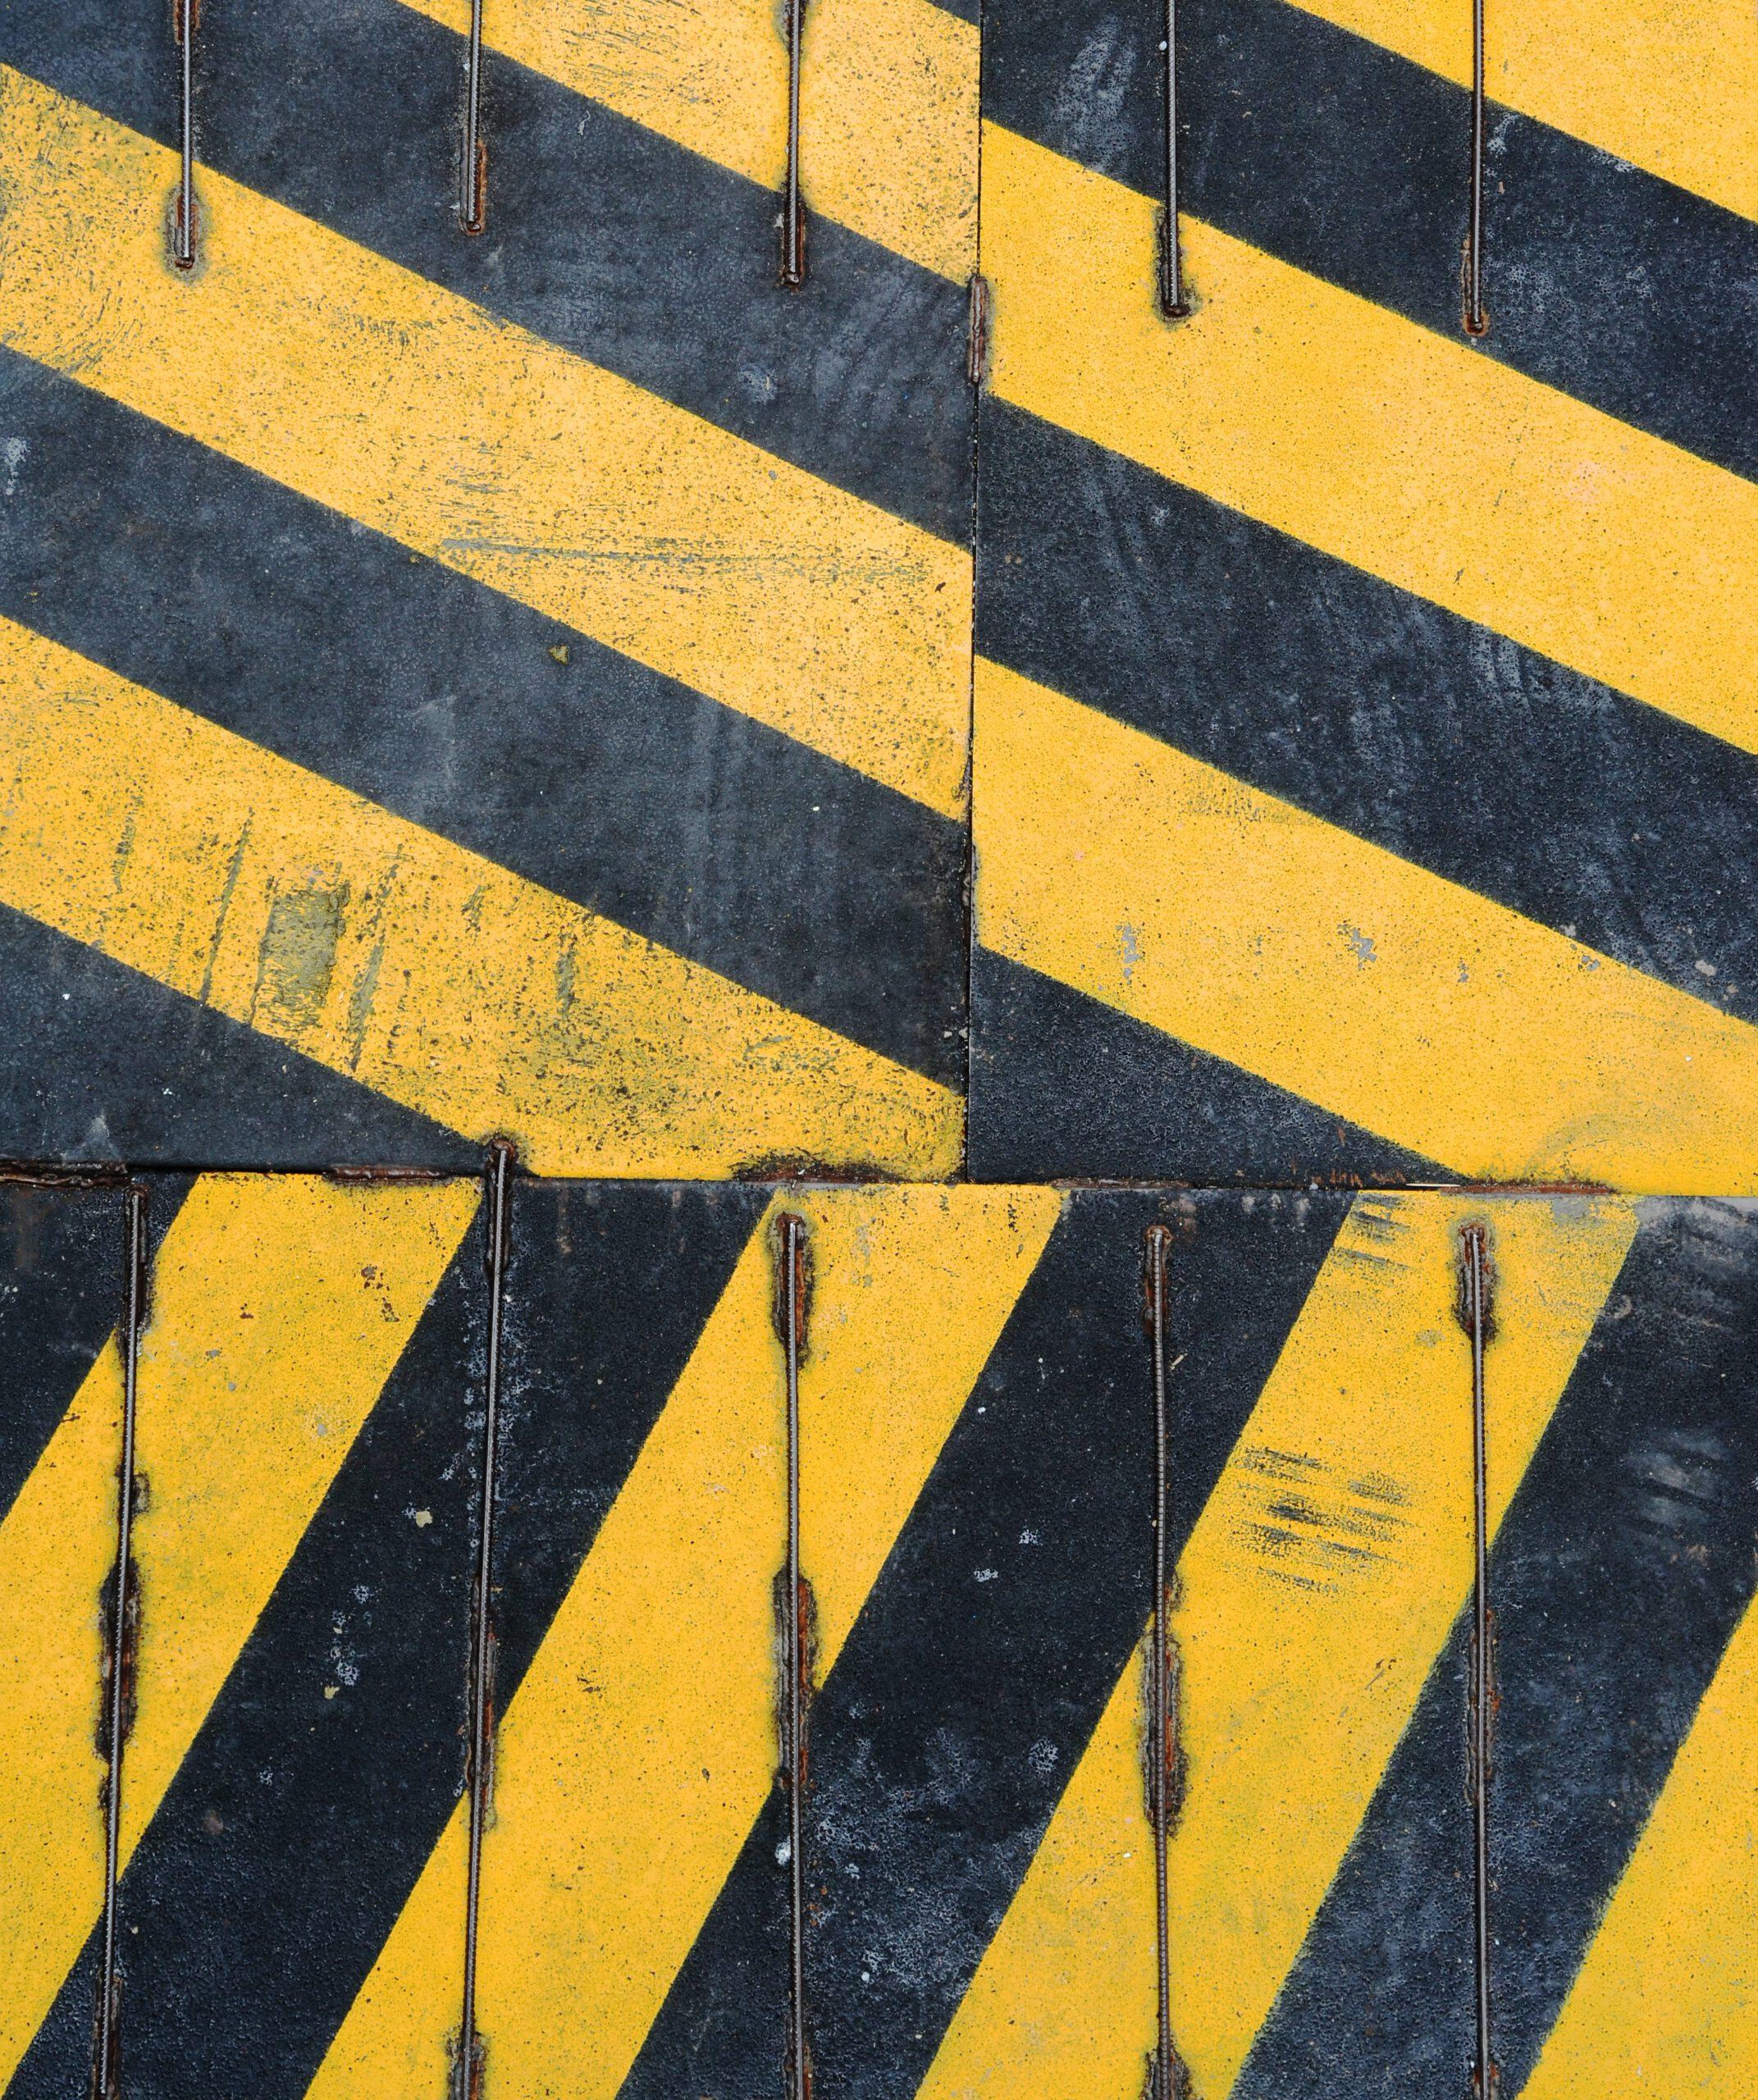 Baustellenschild in gelb schwarz